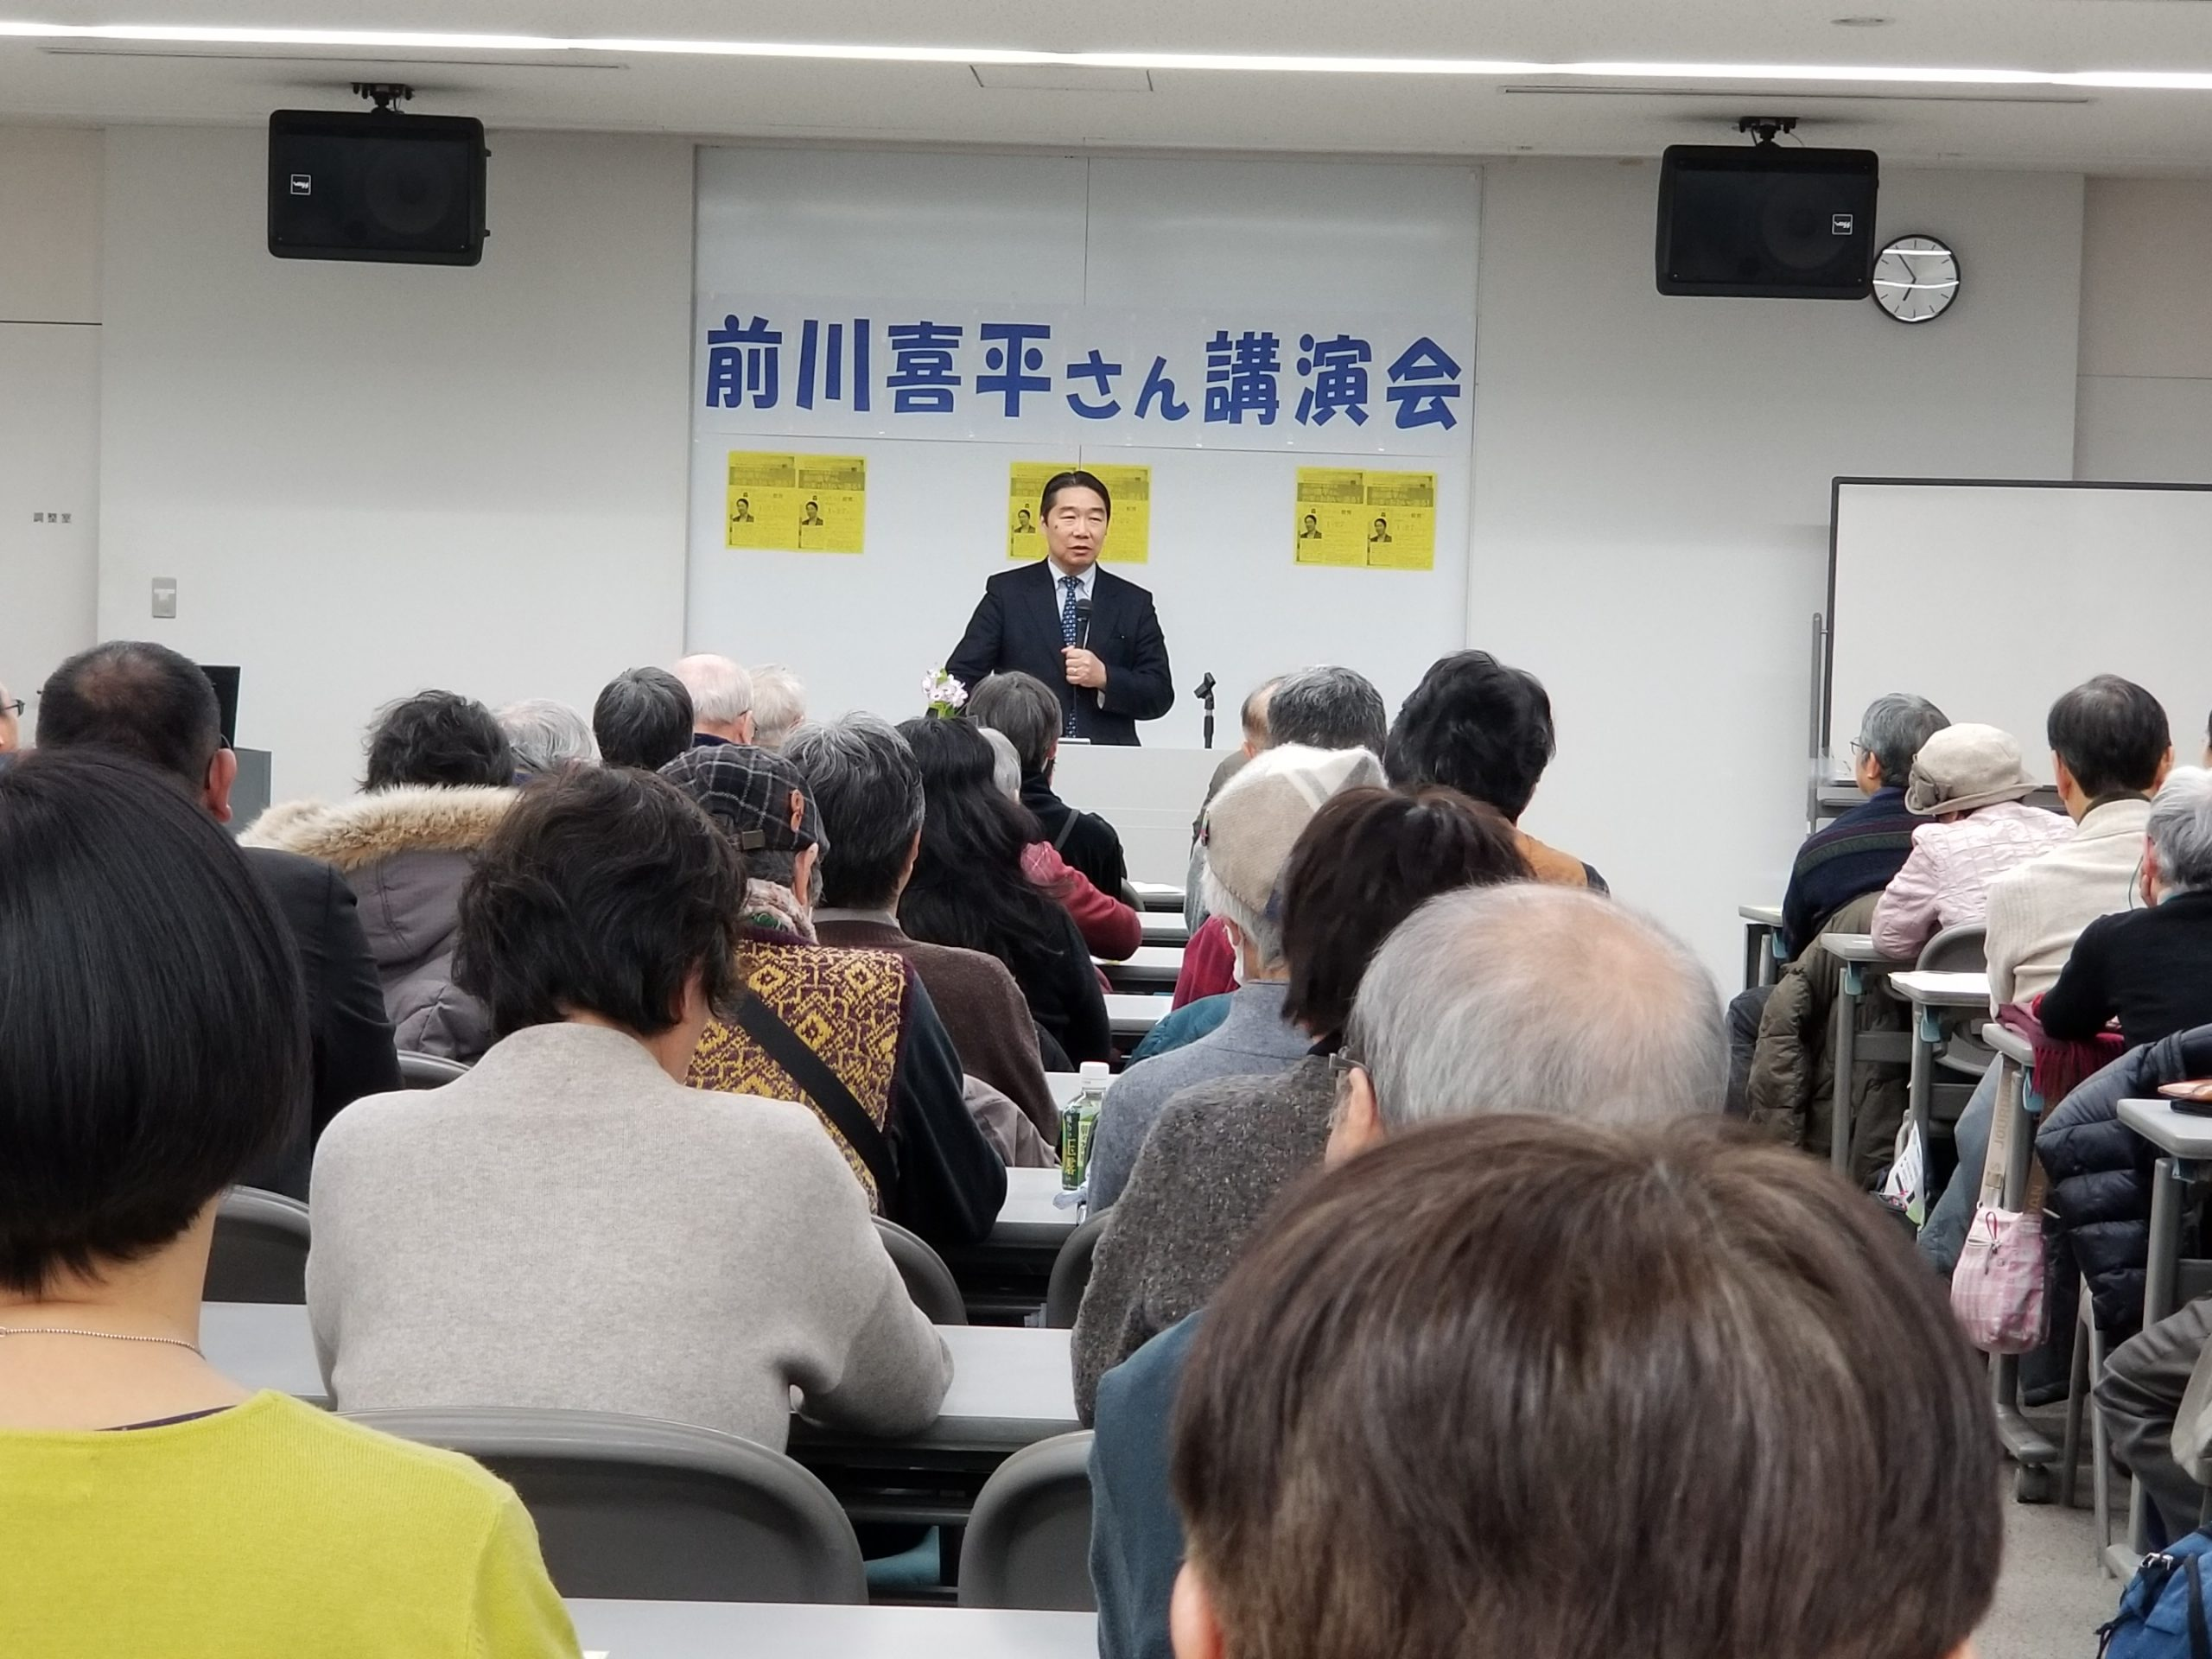 モリカケ、桜、教育。前川喜平さん、台東区で縦横に語る!